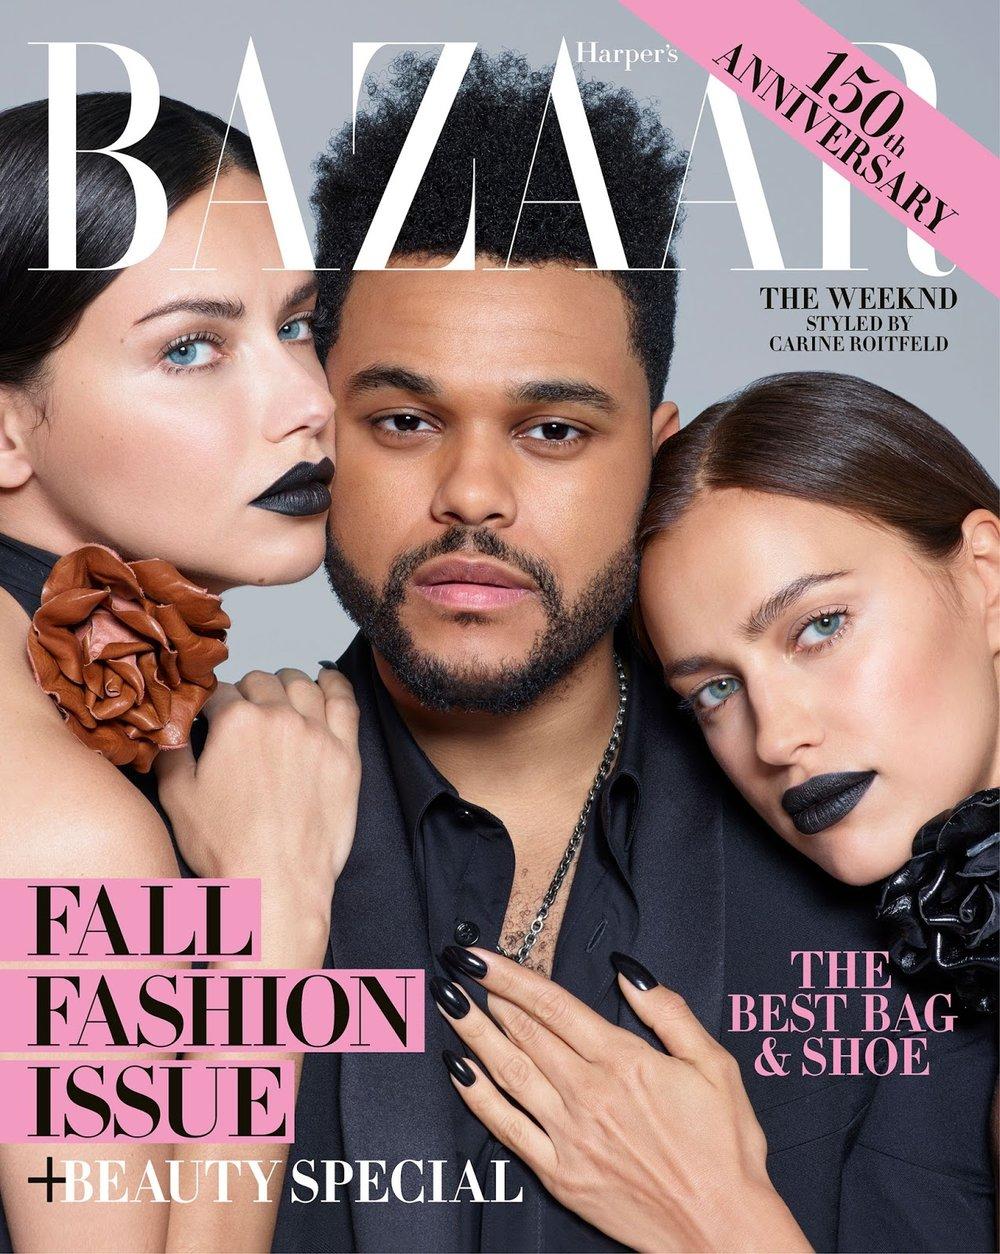 Harpers Bazaar USA September 2017 0.jpg